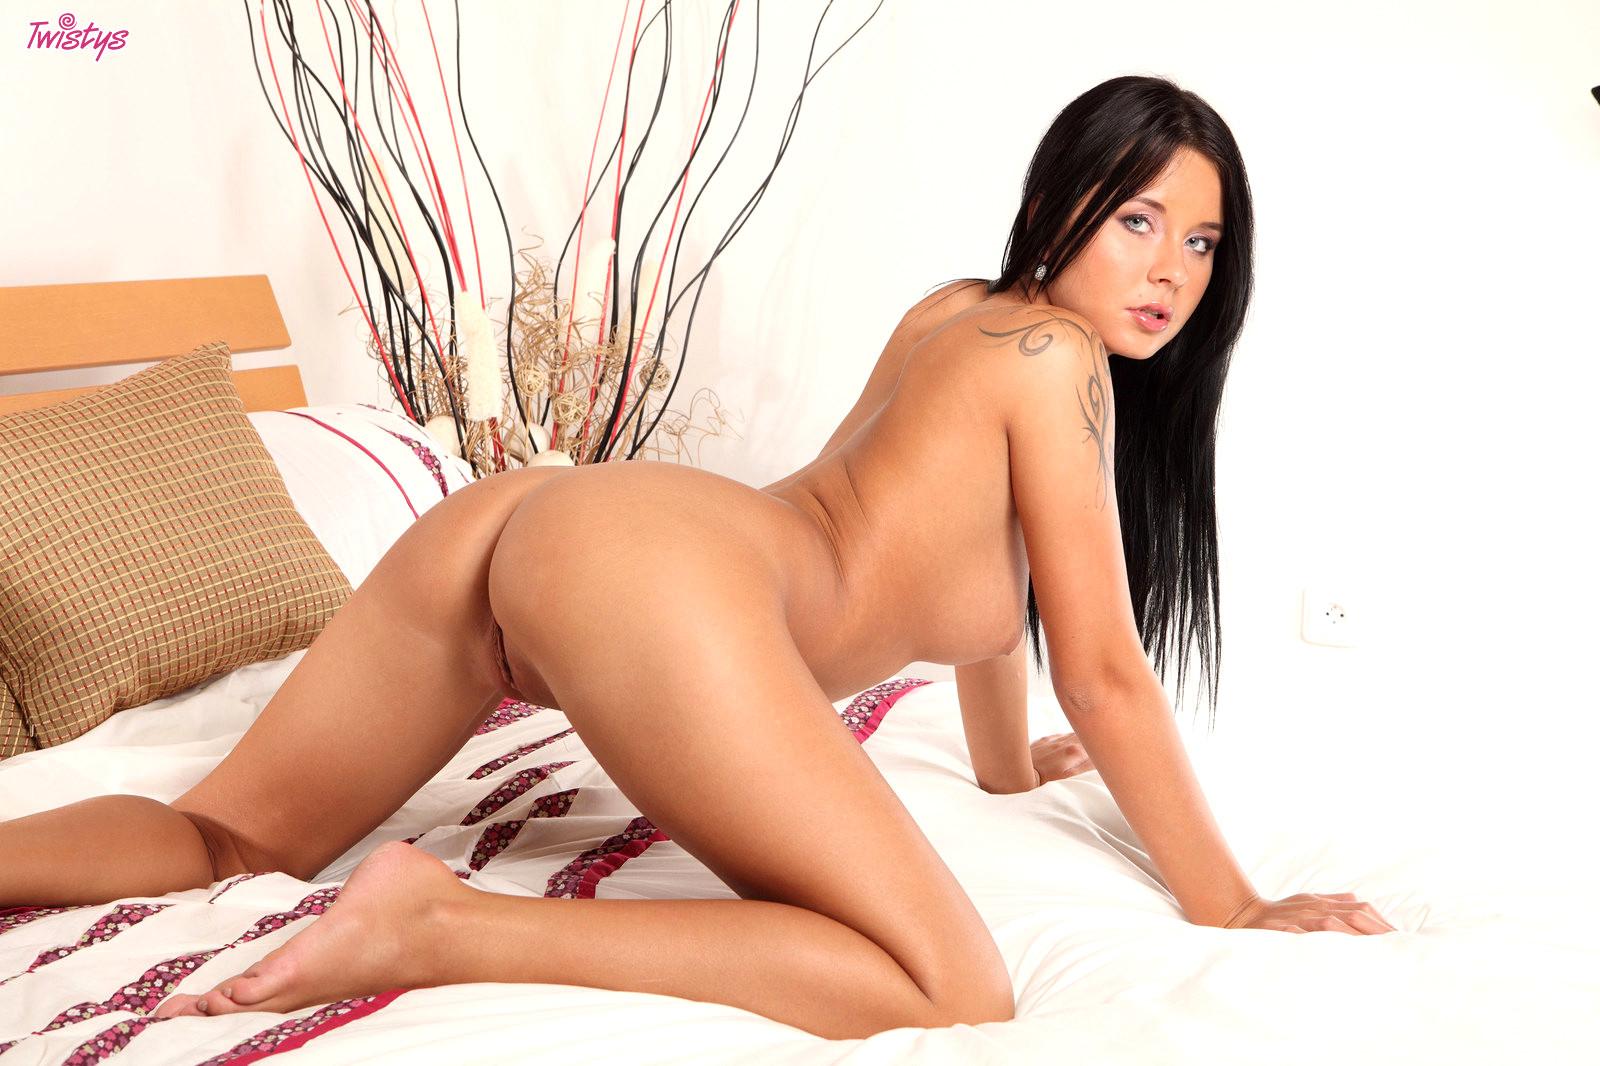 Sarita choudhury nude